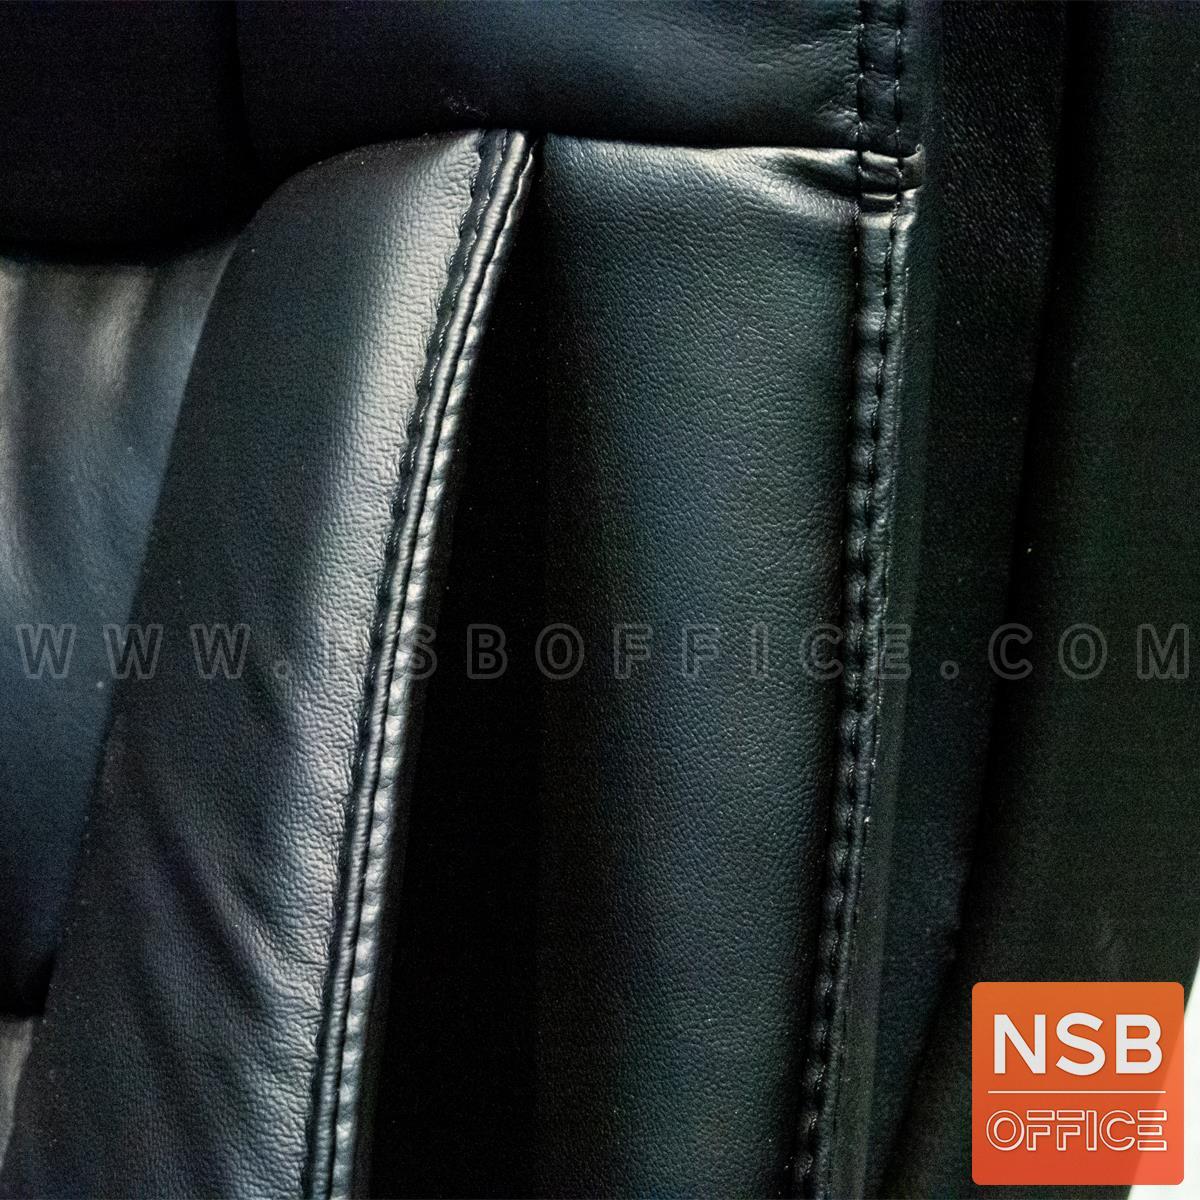 เก้าอี้ผู้บริหารหนังแท้ รุ่น Ordinary (ออร์ดิแนรี่)  แขน-ขาไม้